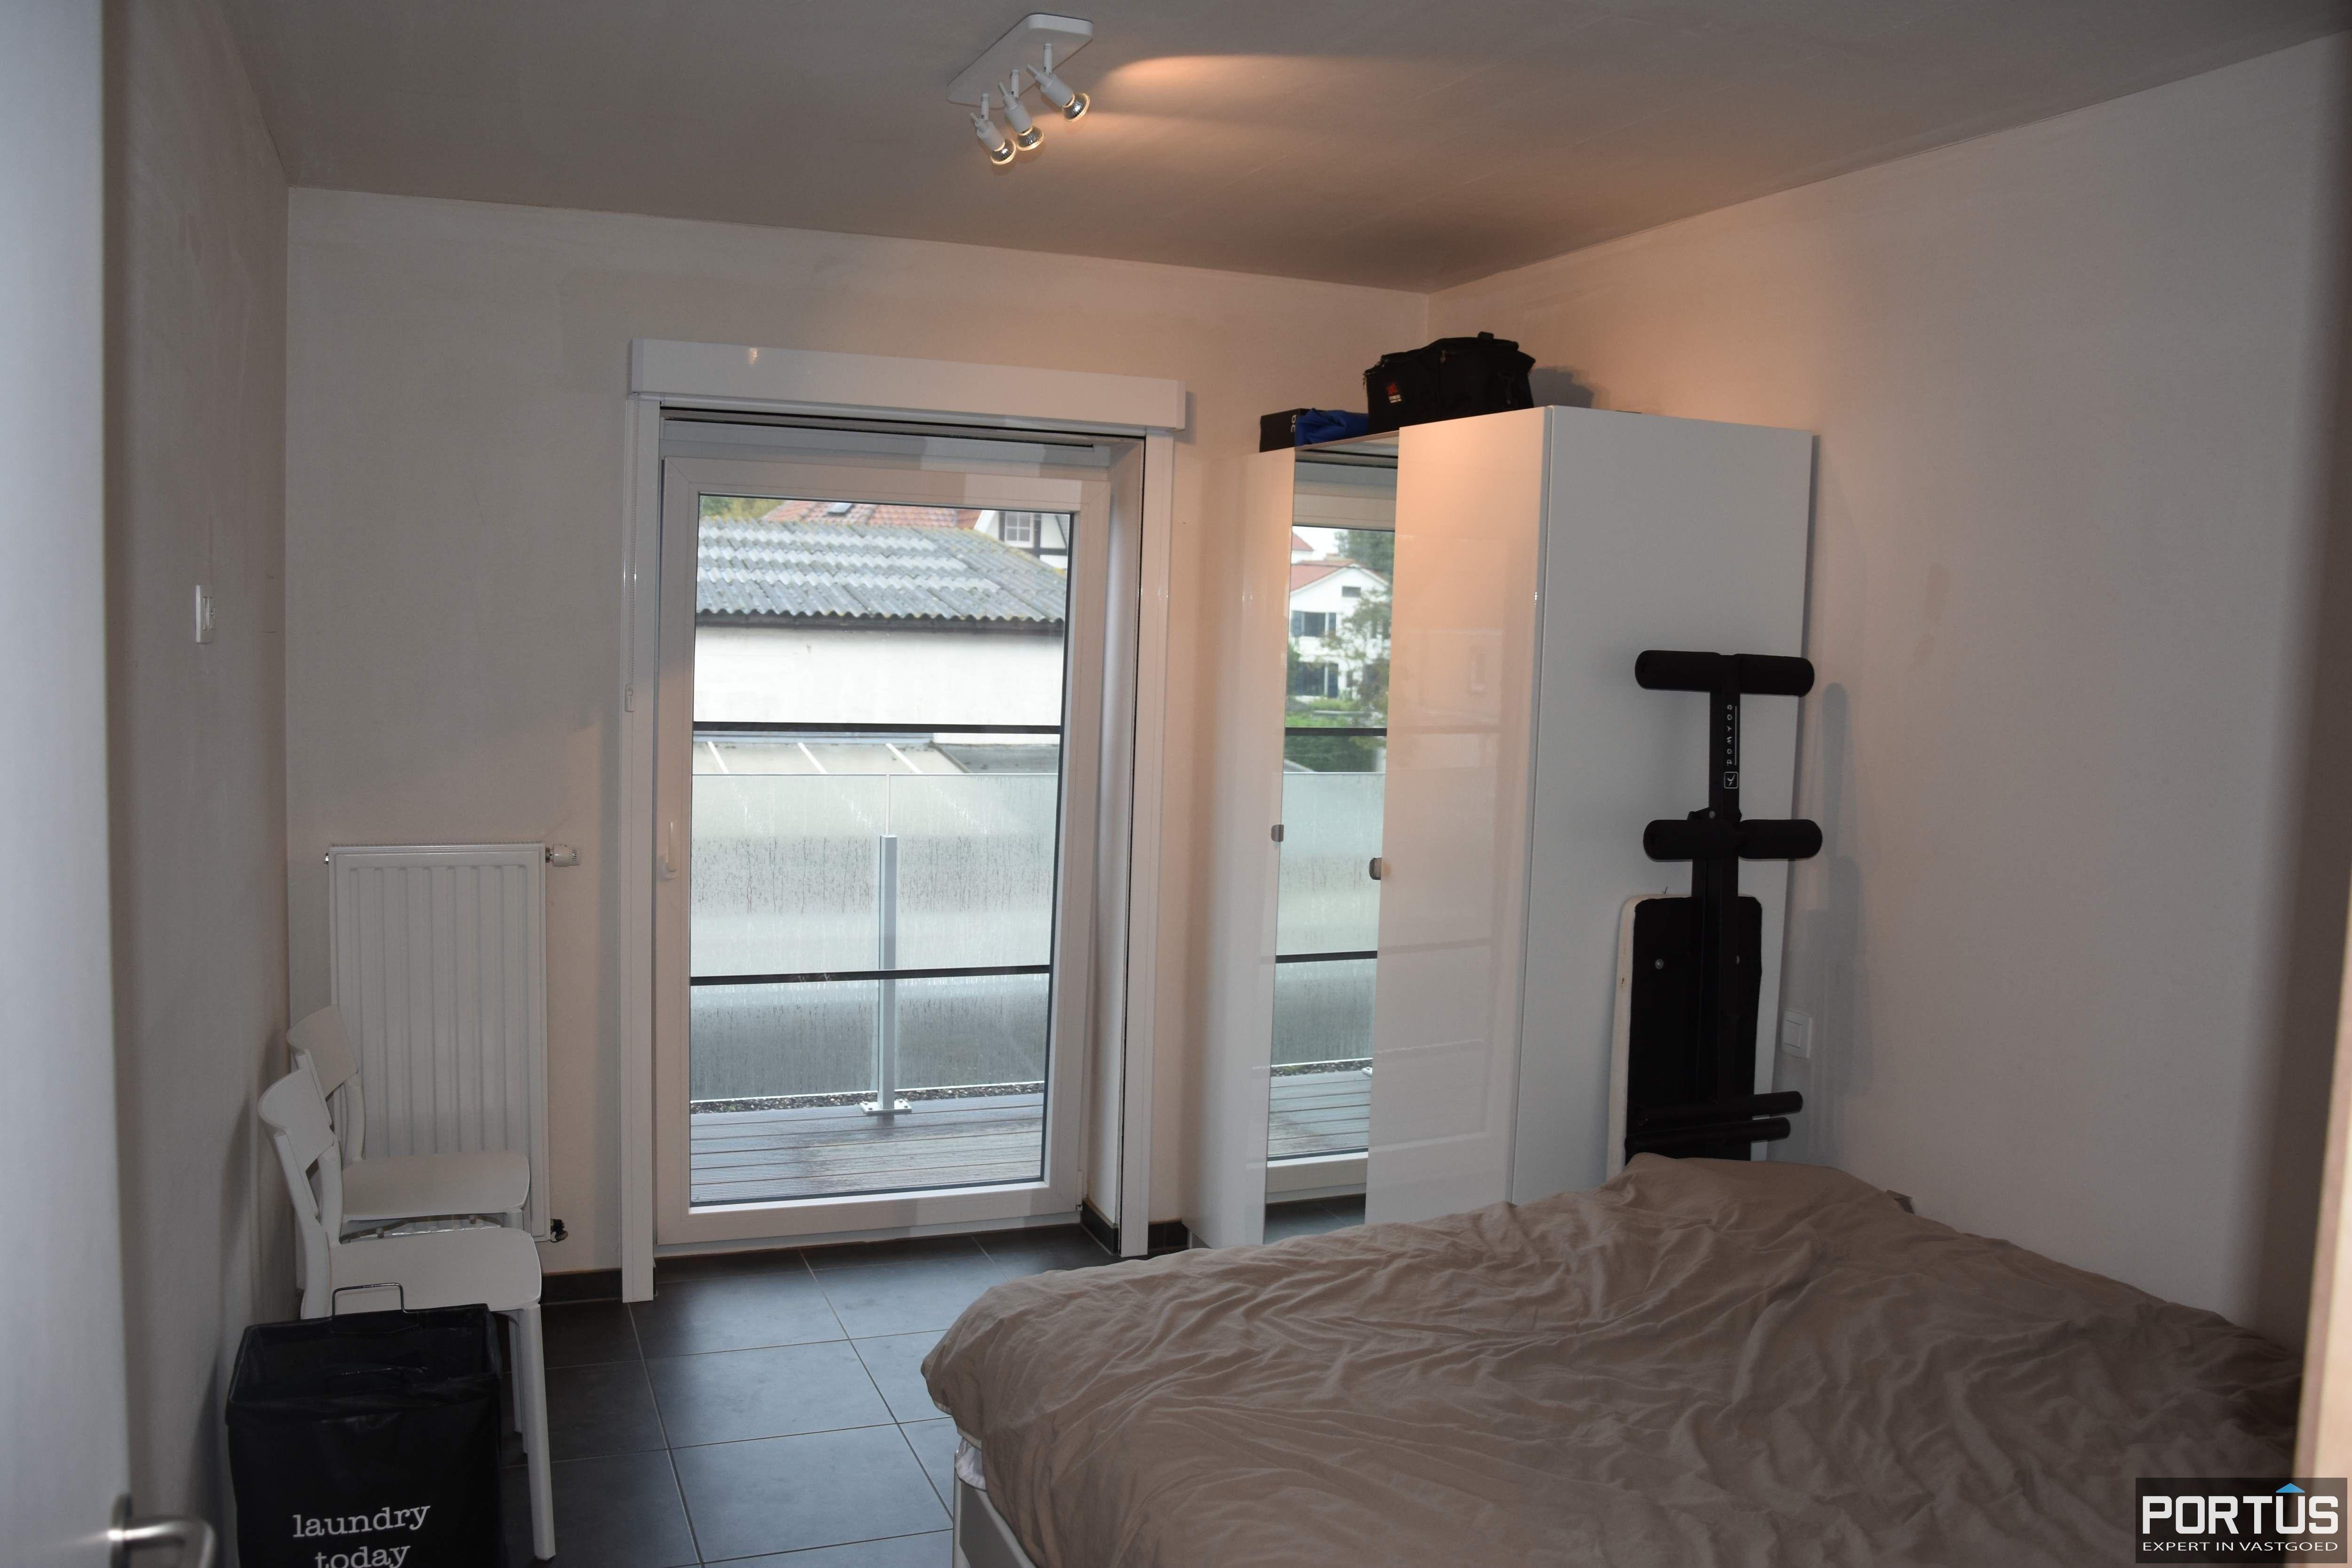 Appartement met 1 slaapkamer te huur te Lombardsijde - 13471